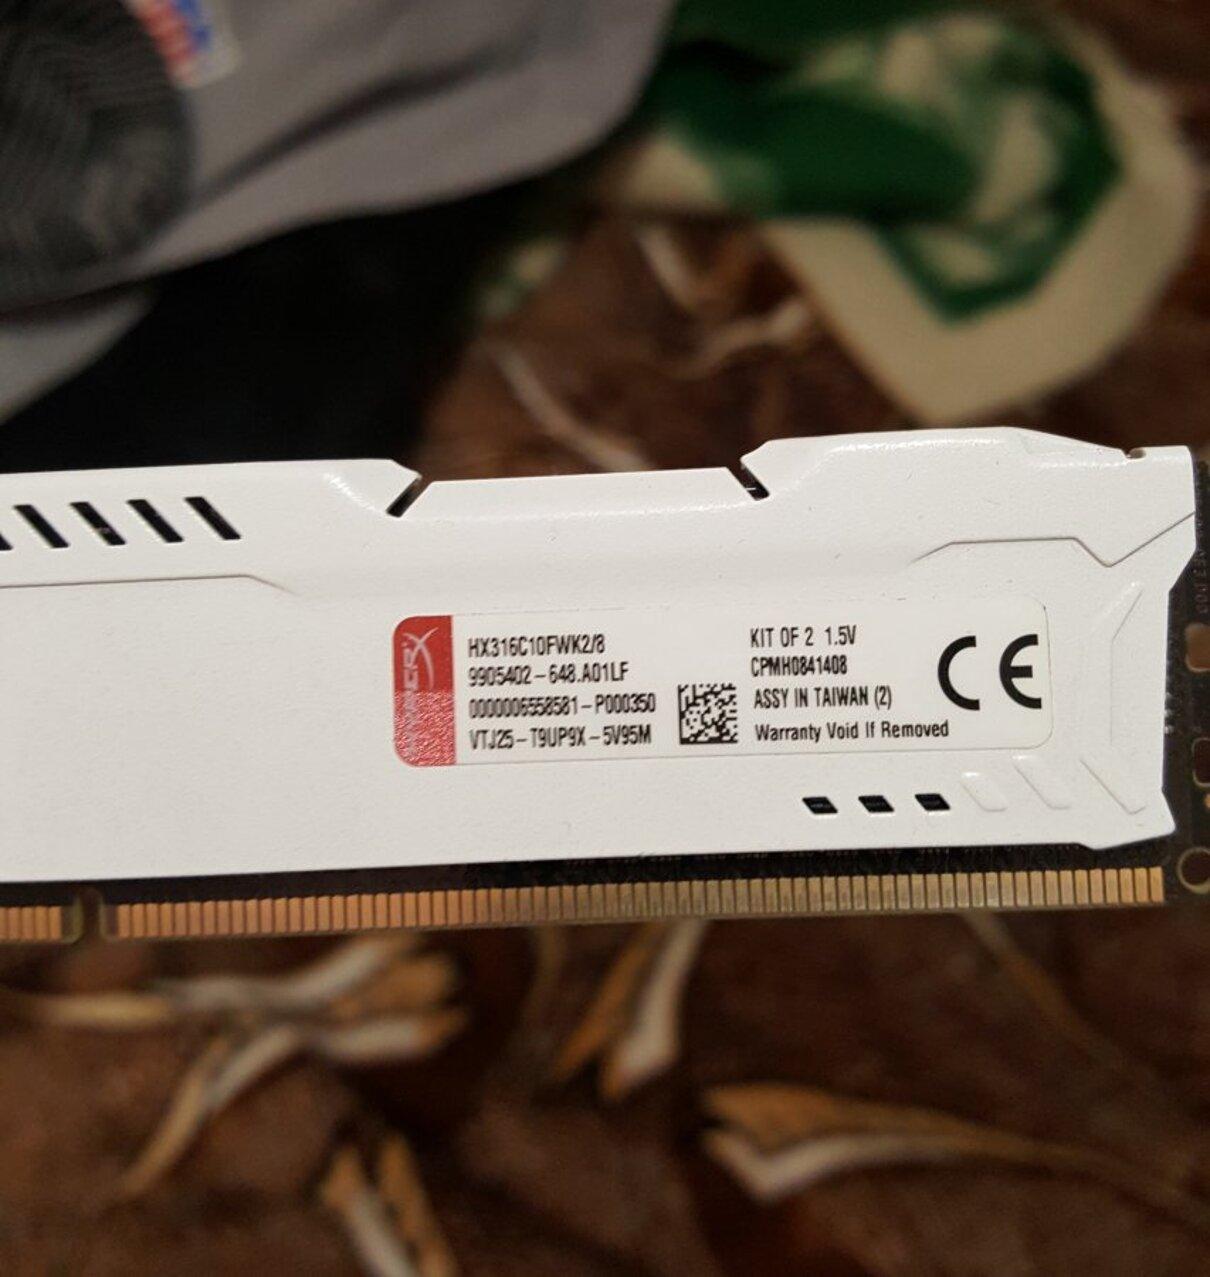 Жалоба-отзыв: Прудько Андрей Сергеевич - Продал нерабочую оперативную память 8GB DDR3 Kingston HyperX.  Фото №1